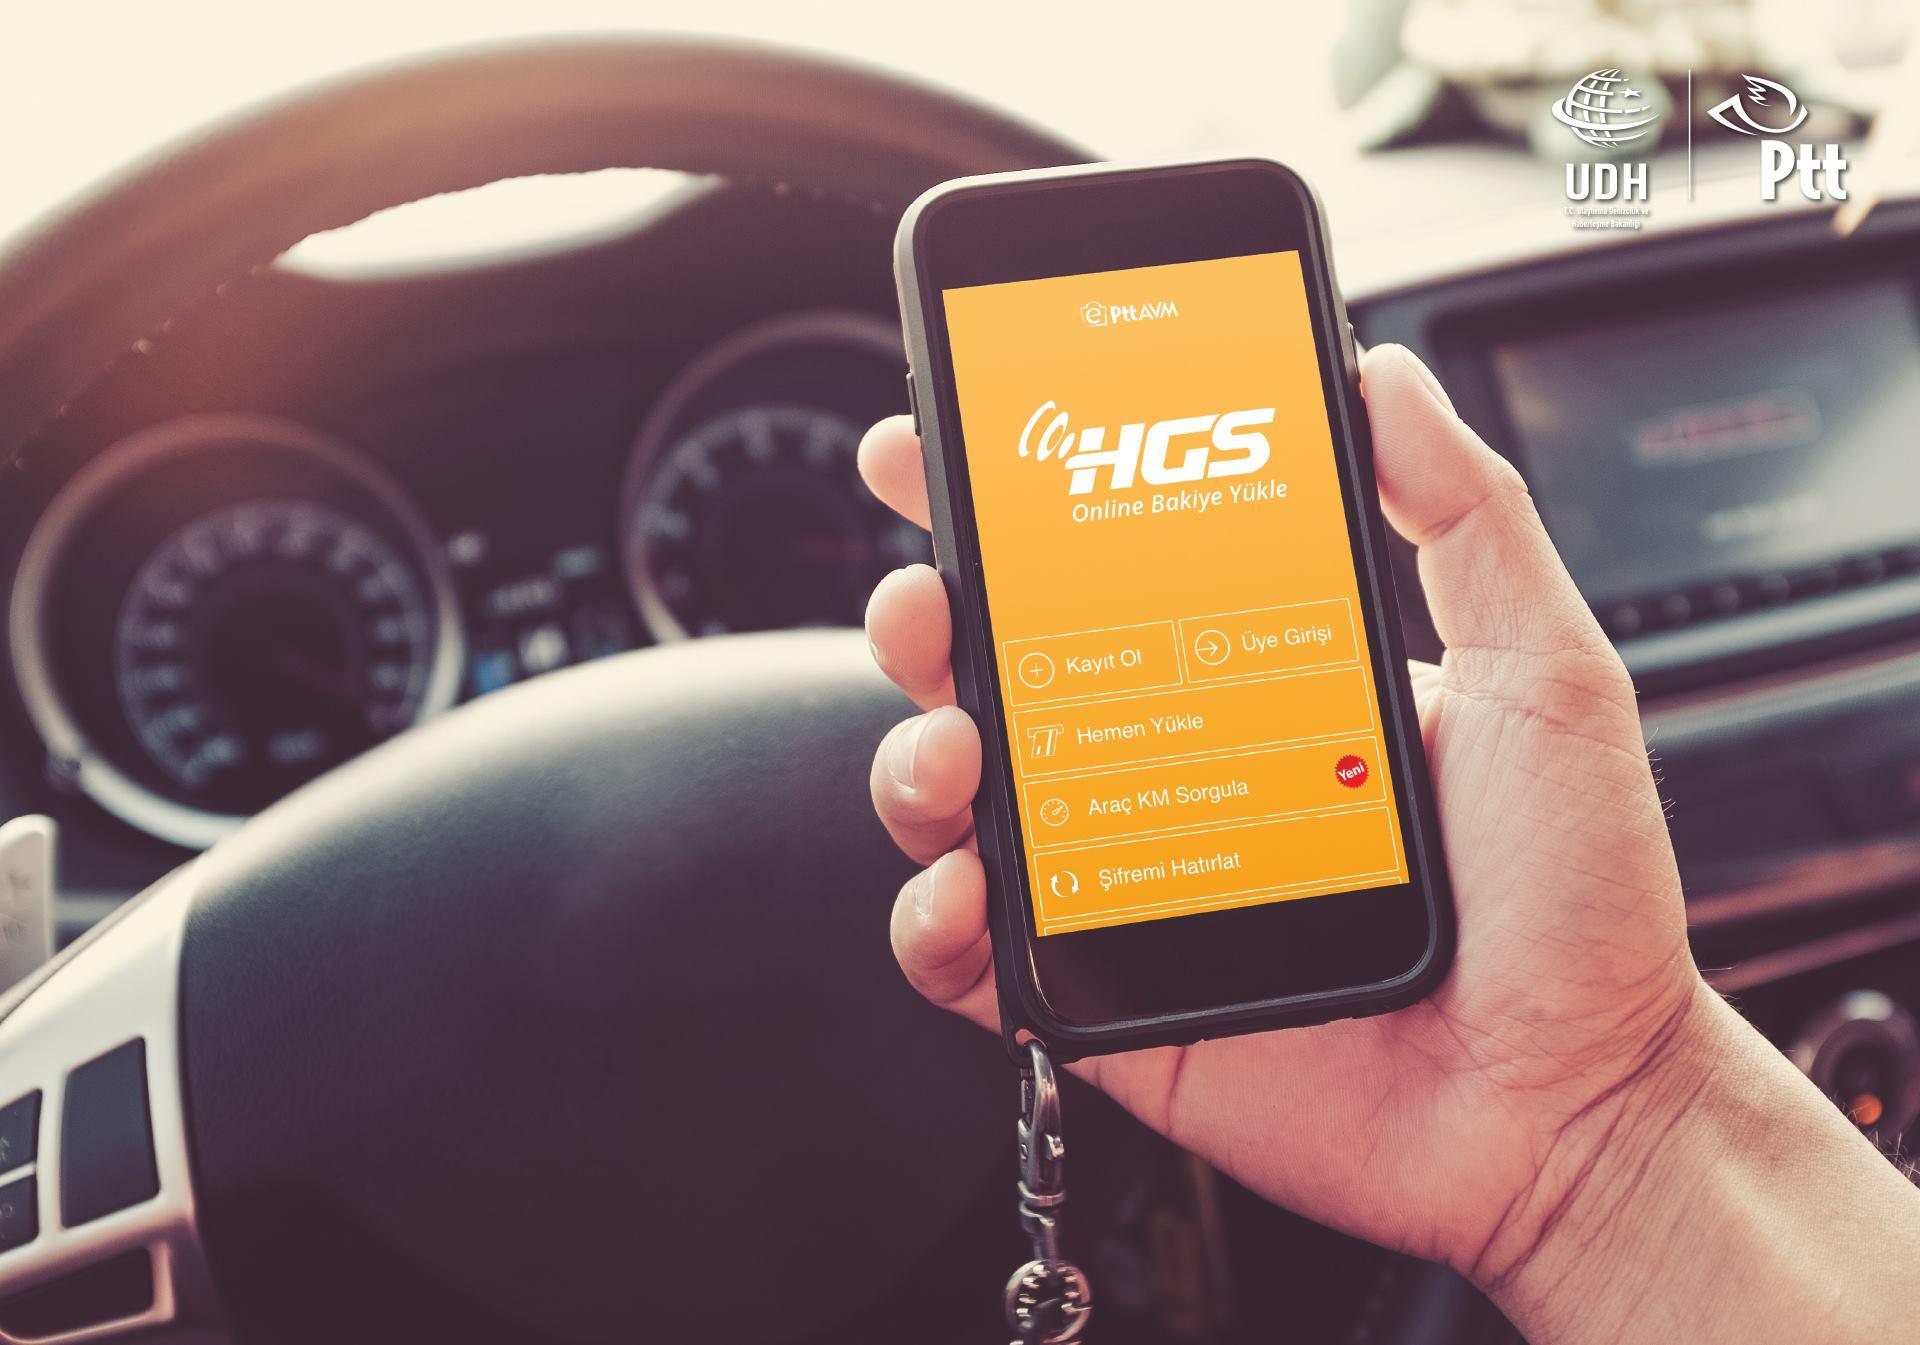 كيف يتم تعبئة بطاقة الـ HGS؟